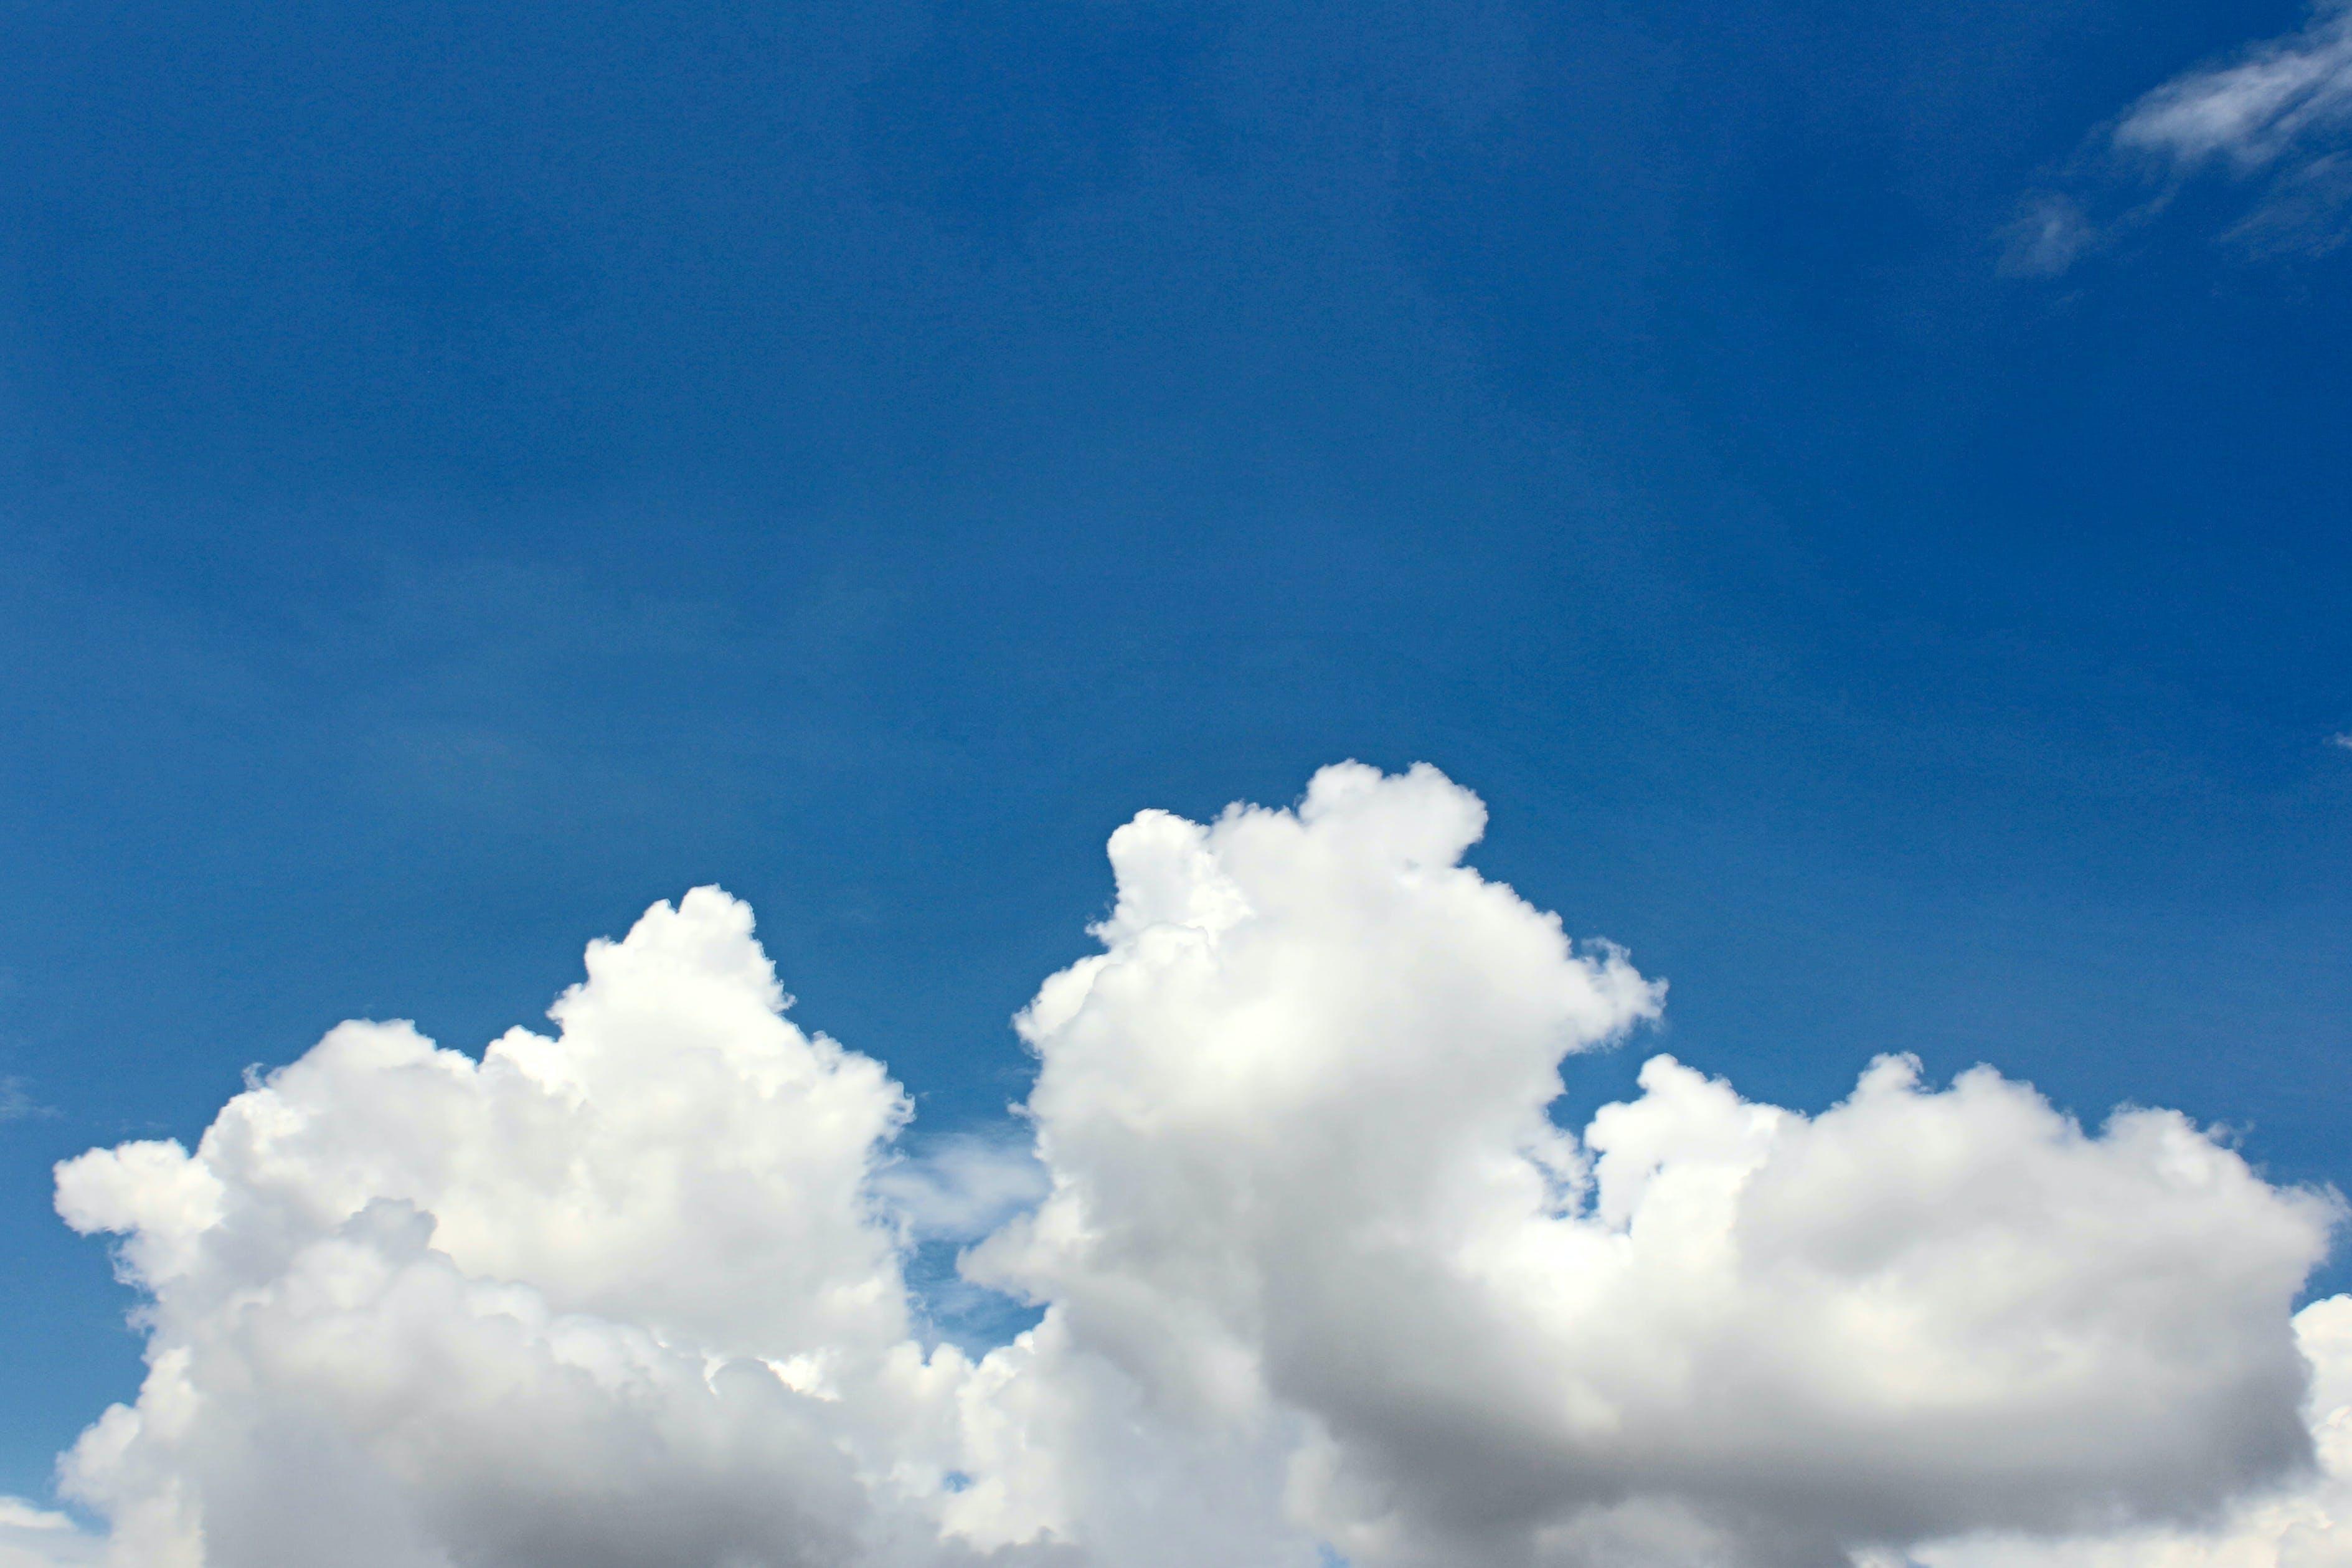 Gratis arkivbilde med blå himmel, dagtid, himmel, høy